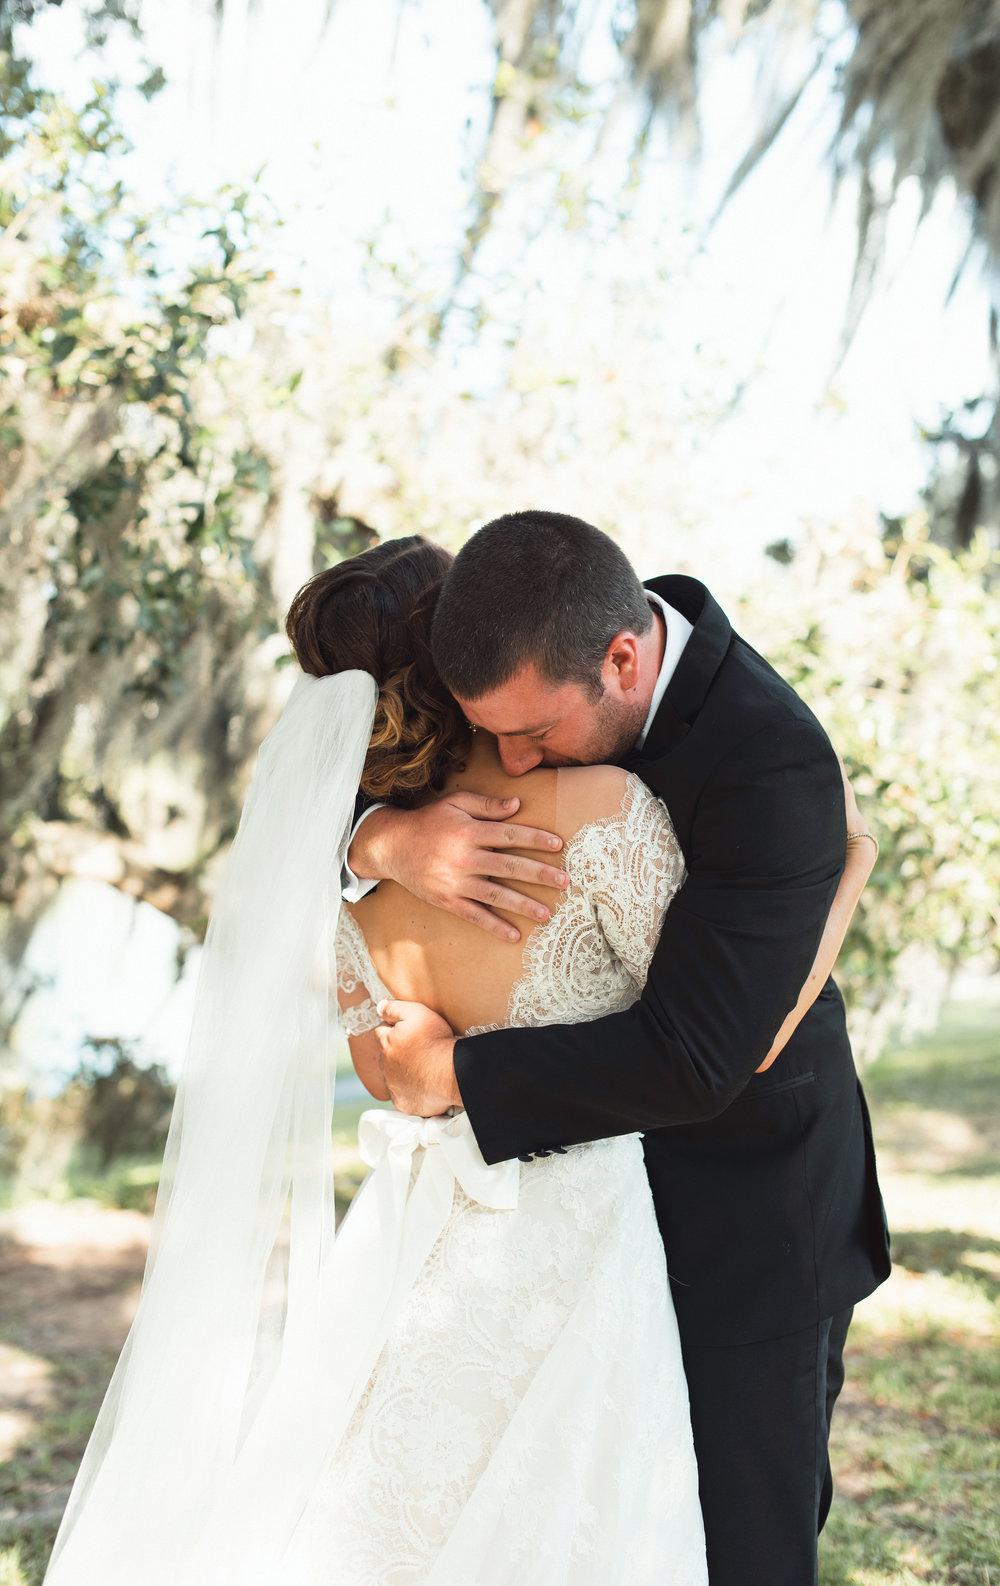 Rebowe_Price_wedding_0200.jpg